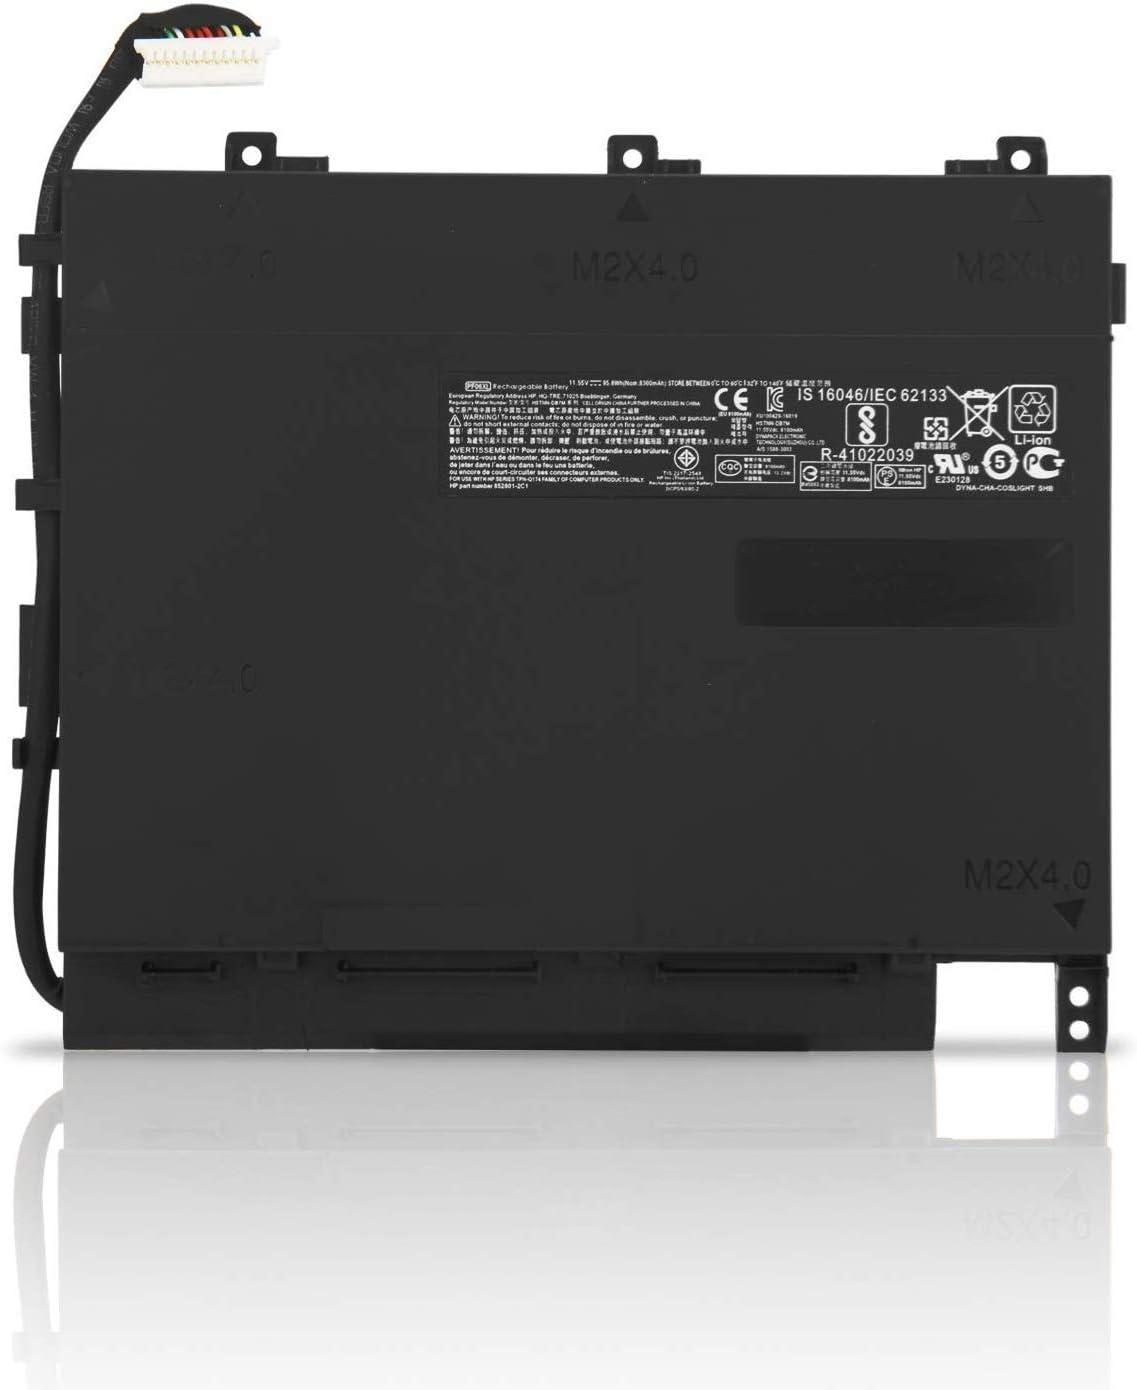 ZTHY PF06XL Battery for HP Omen 17 GTX 1060 17-w100 17-w100ng 17-w101ng 17-w109ng 17-w131ng 17-w240ng Plus 17-w119tx 17-w120tx 17-w205tx HSTNN-DB7M 853294-855 TPN-Q174 11.55V 95.8Wh 8300mAh 6Cell